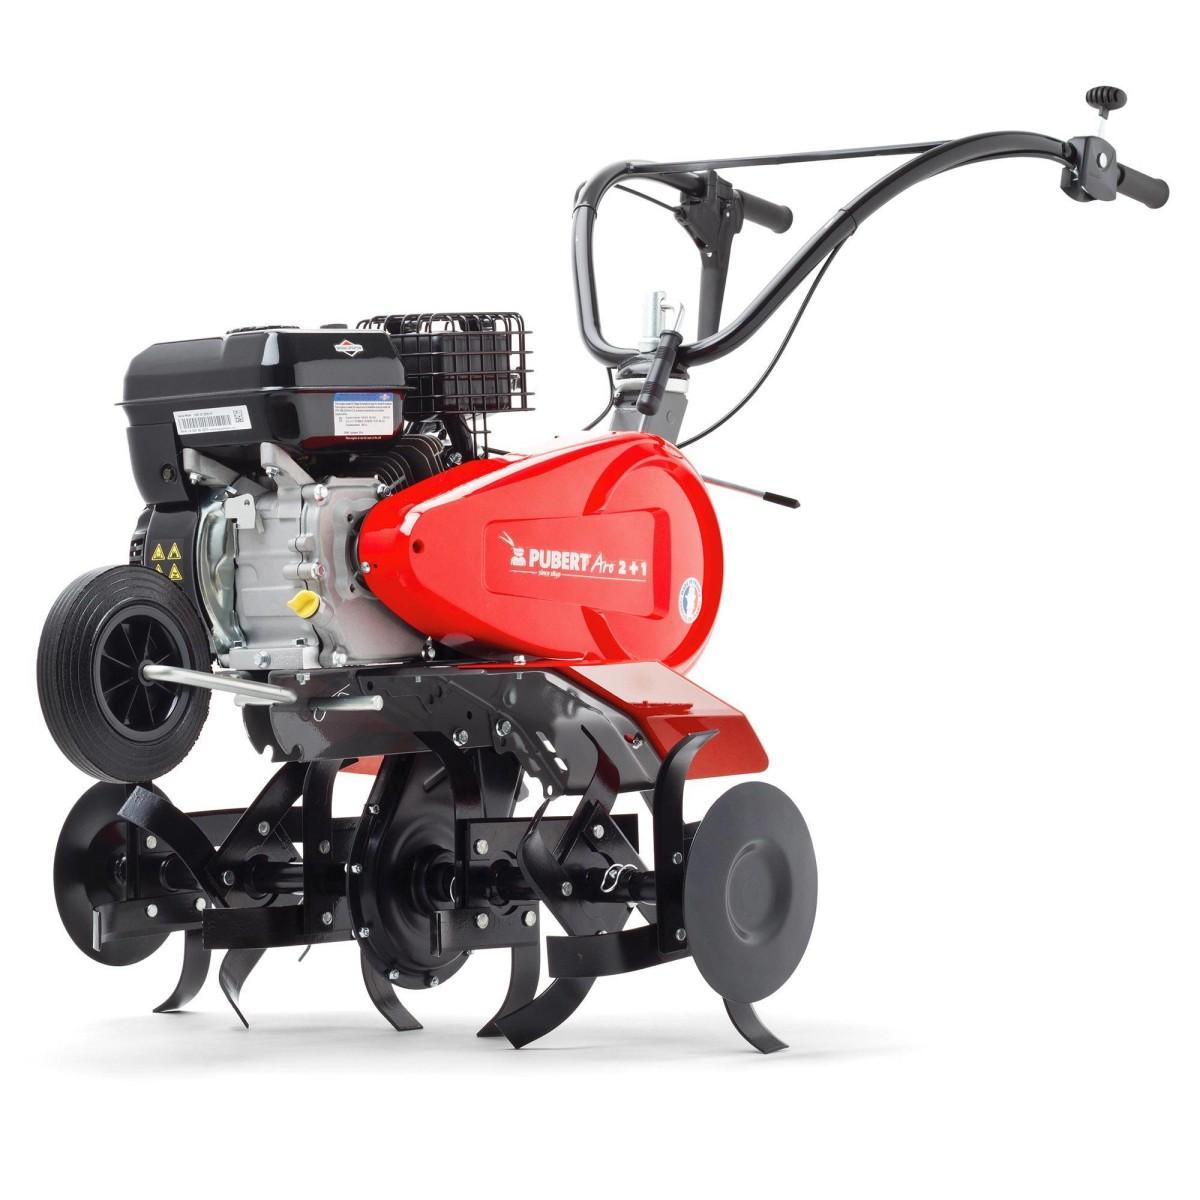 Мотокультиватор бензиновый Pubert Aro 60 90 см. 6 л/с